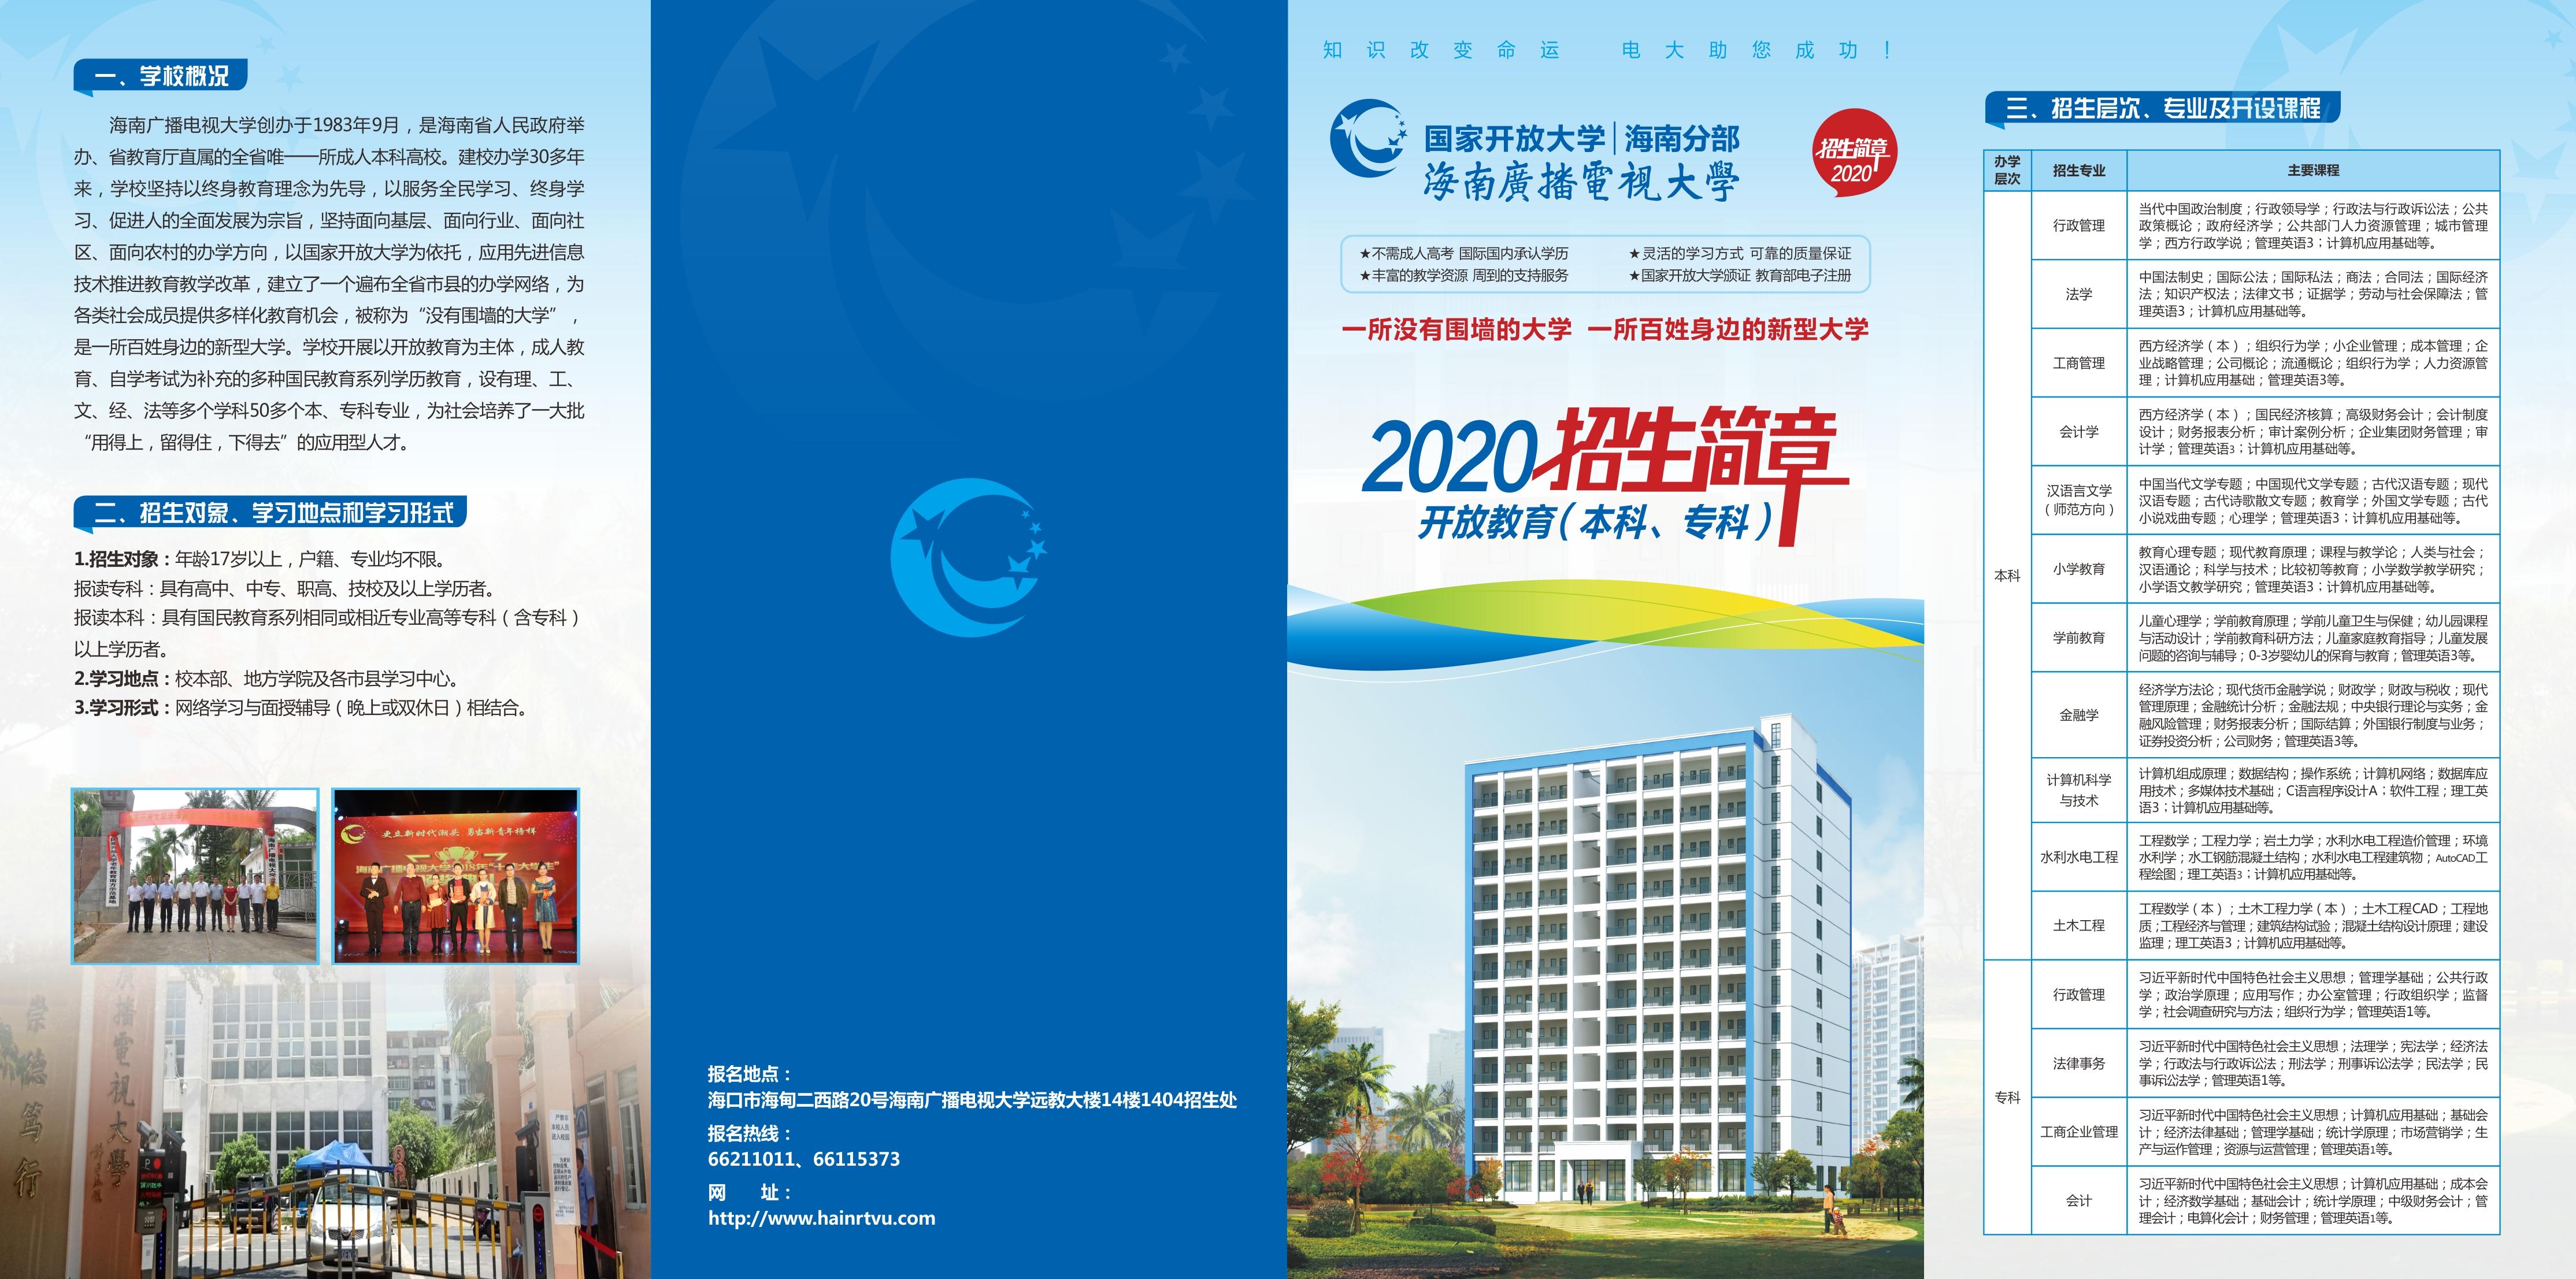 2020年kai放jiaoyu(zheng面,定稿).jpg